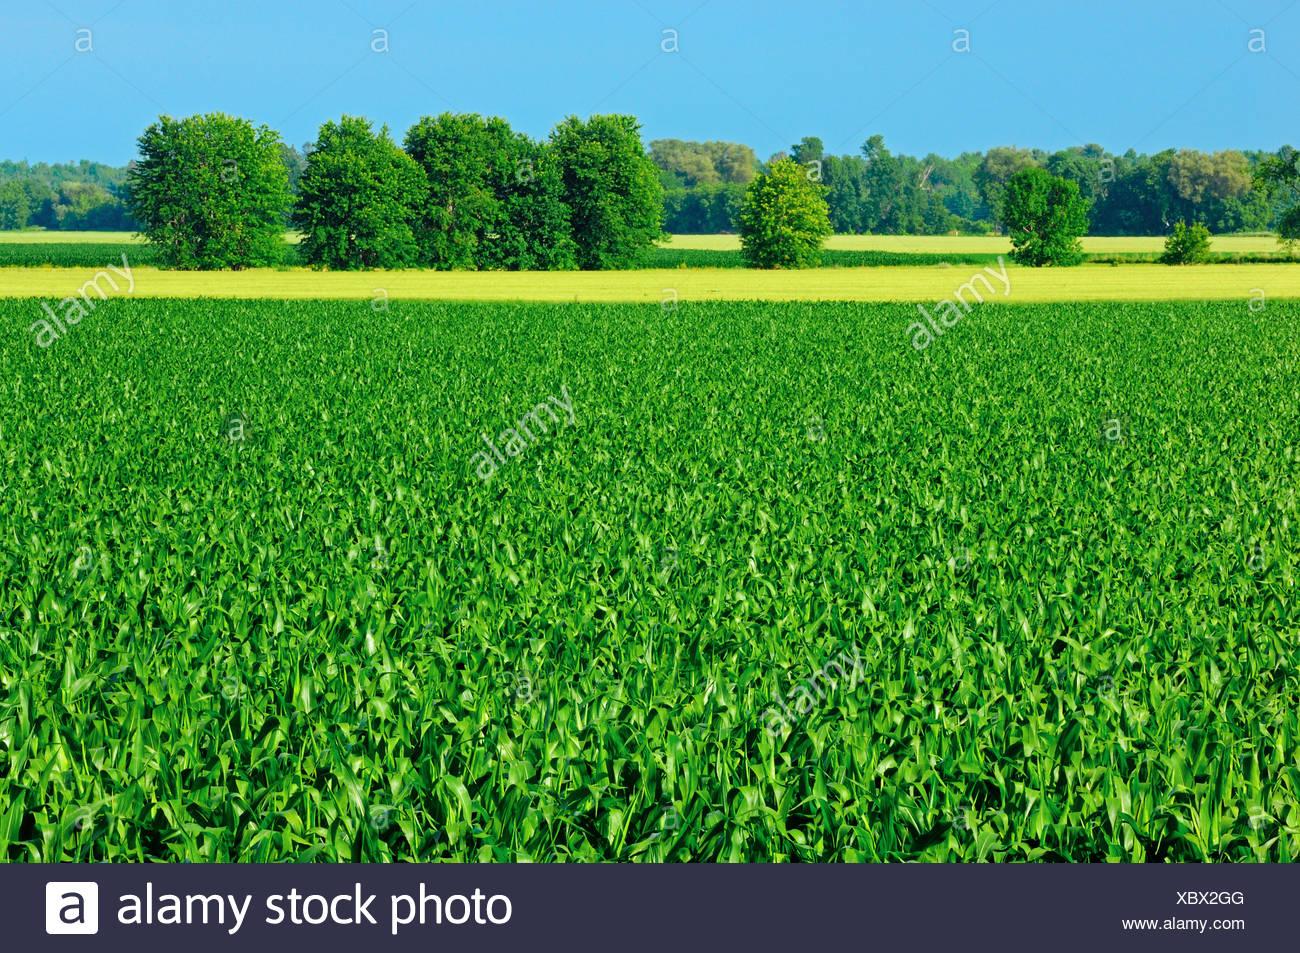 Agriculture - Milieu pré-croissance du maïs-grain panicule champs / près de Riceville, Ontario, Canada. Photo Stock